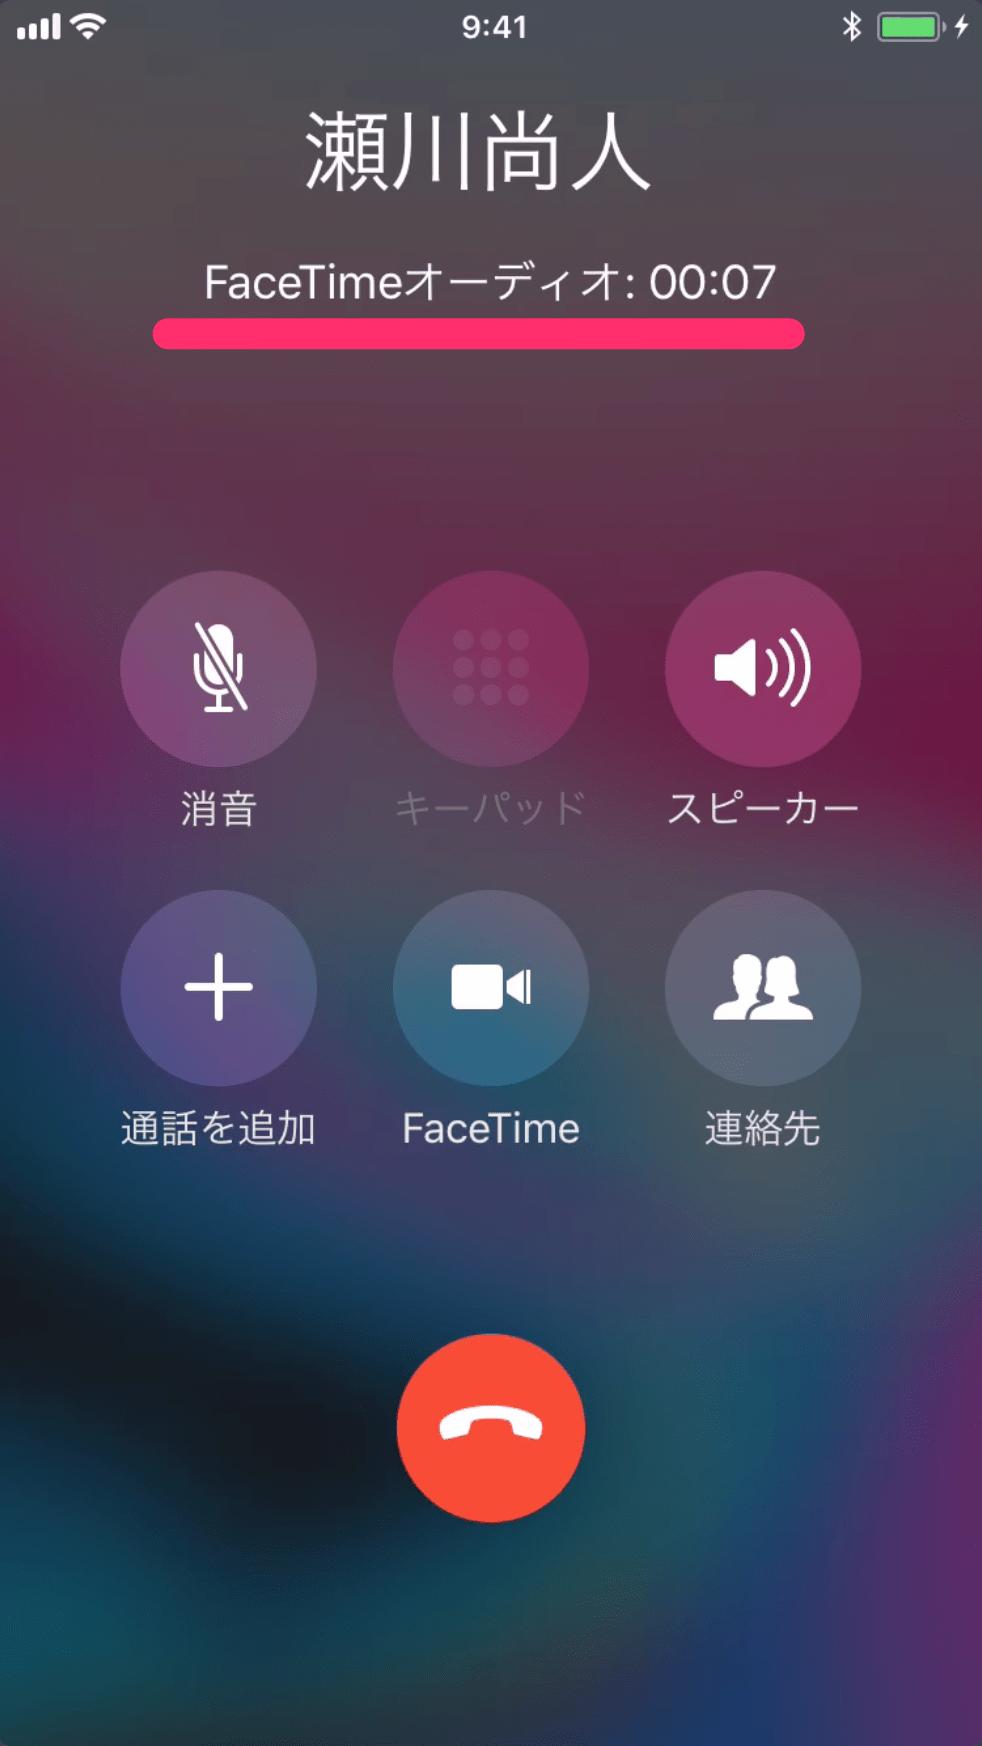 お古のiPhoneを有効活用! アプリなしで無料通話できるFaceTimeオーディオの使い方